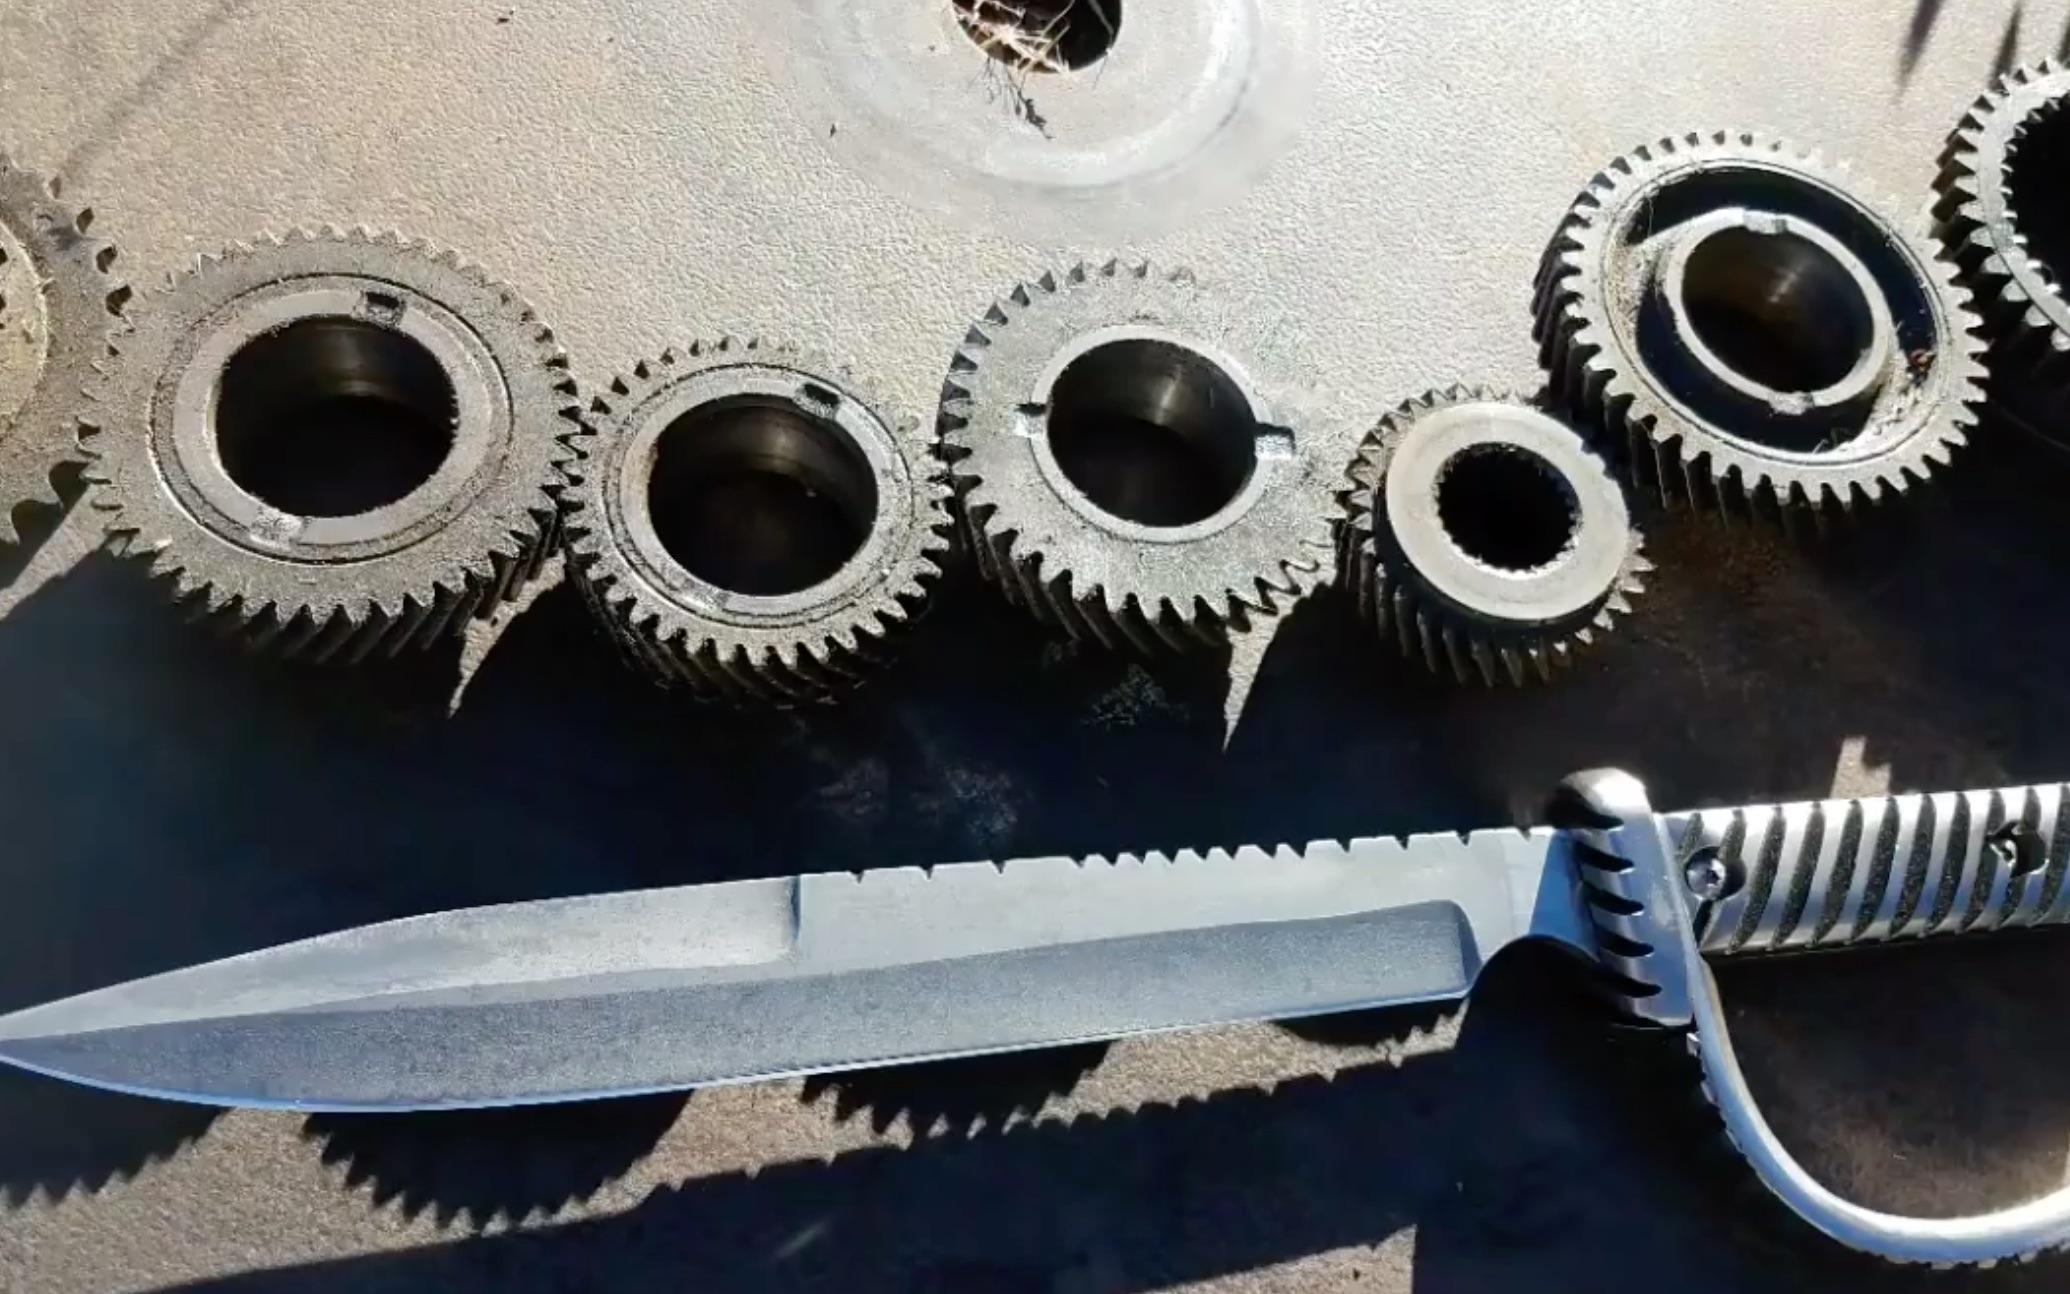 用旧齿轮锻造一把带护手的刀